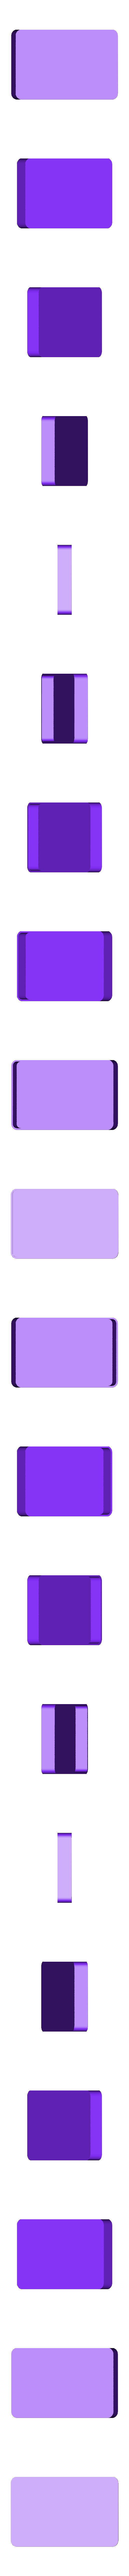 Nozzle_storage_lid.stl Télécharger fichier STL gratuit Grande boîte de stockage de buses • Modèle pour imprimante 3D, alfa4liveejk